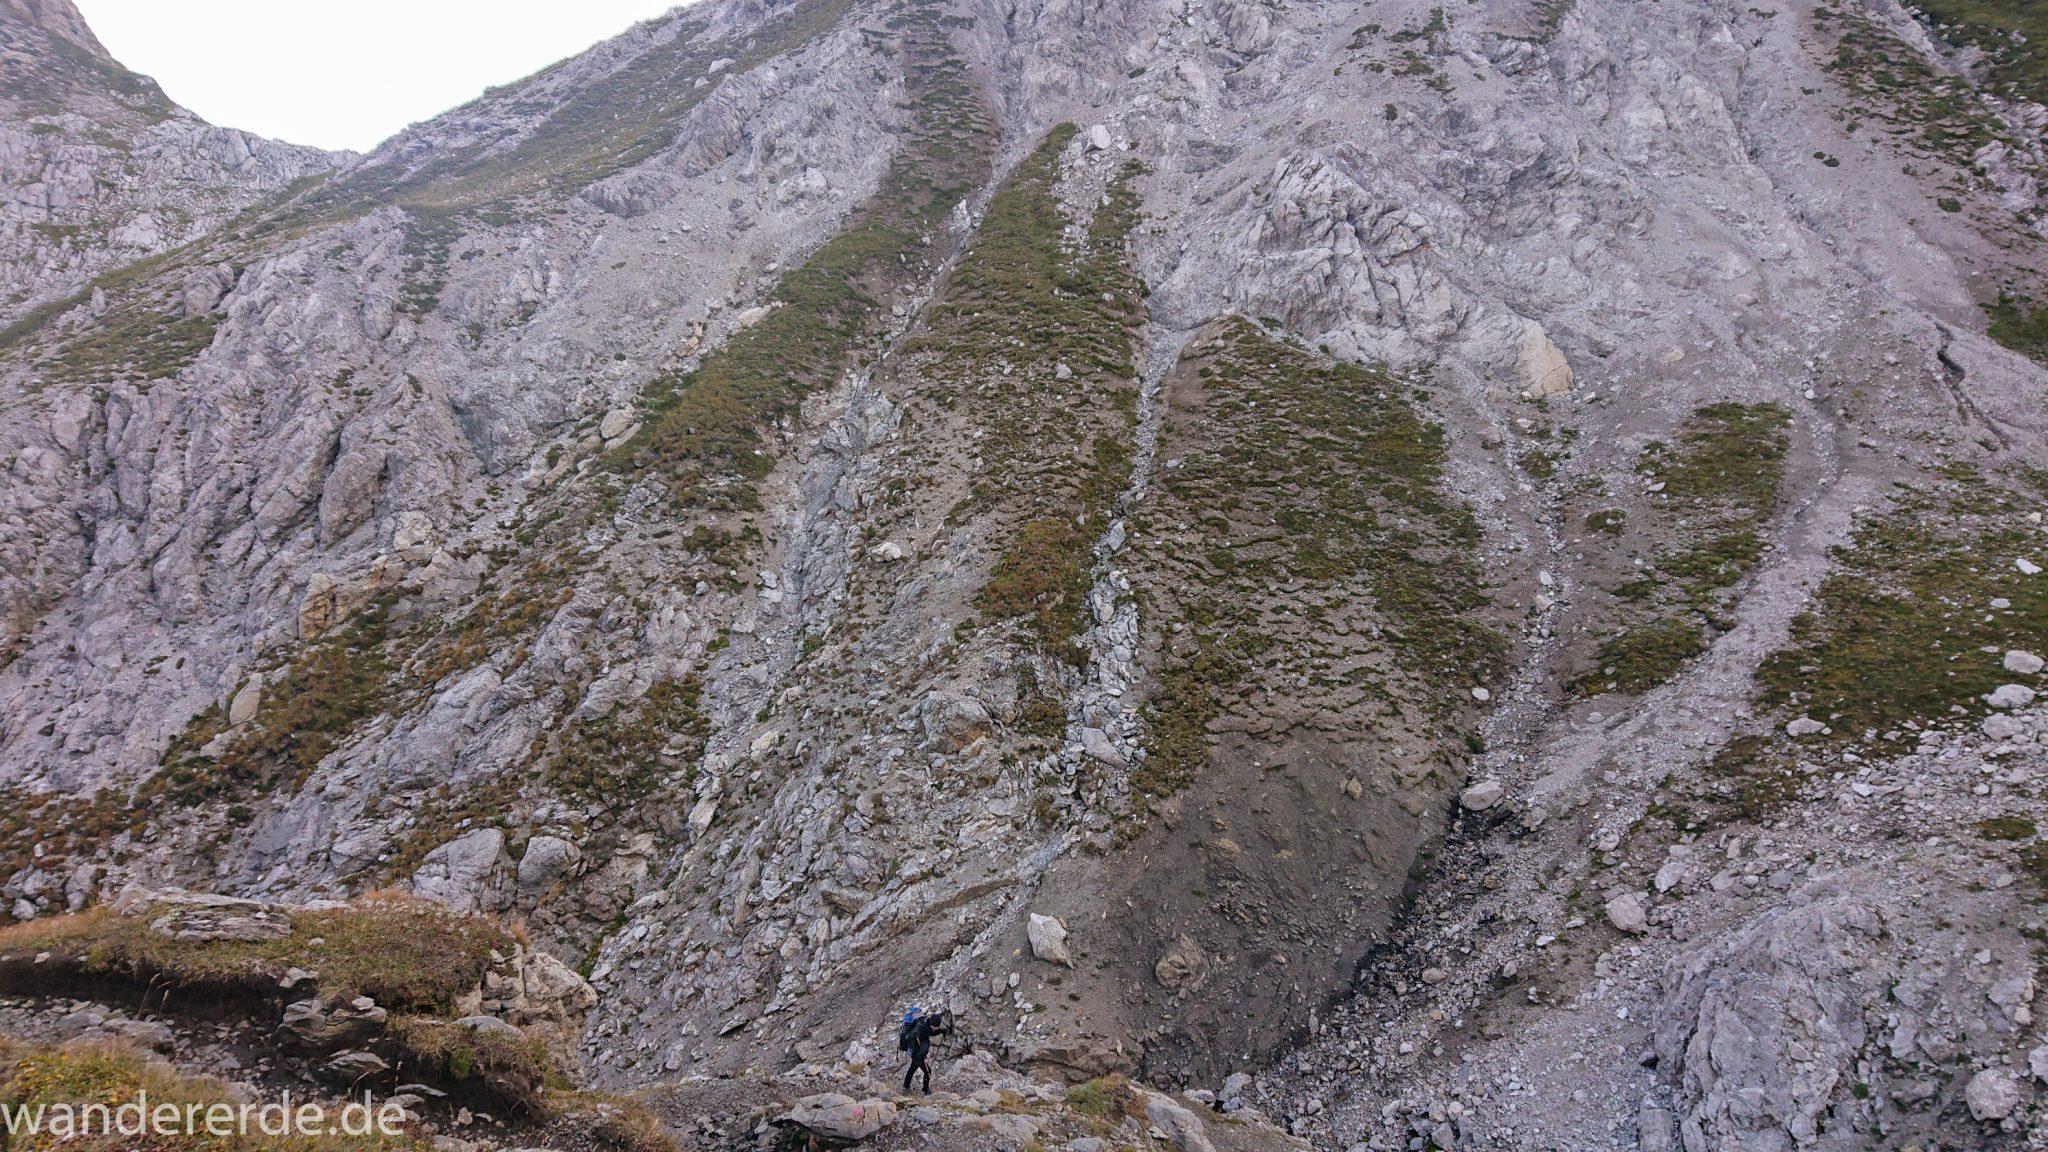 Alpenüberquerung Fernwanderweg E5 Oberstdorf Meran, 3. Etappe von Memminger Hütte zur Skihütte Zams, E5 Wanderweg führt zu Beginn der dritten Etappe ab der Memminger Hütte über steilen und ausgesetzten Wanderweg über die Seescharte, Blick auf Wanderer während Aufstieg zur Seescharte auf sehr schmalem Wanderweg über viel Geröll, steile Berghänge der Alpen